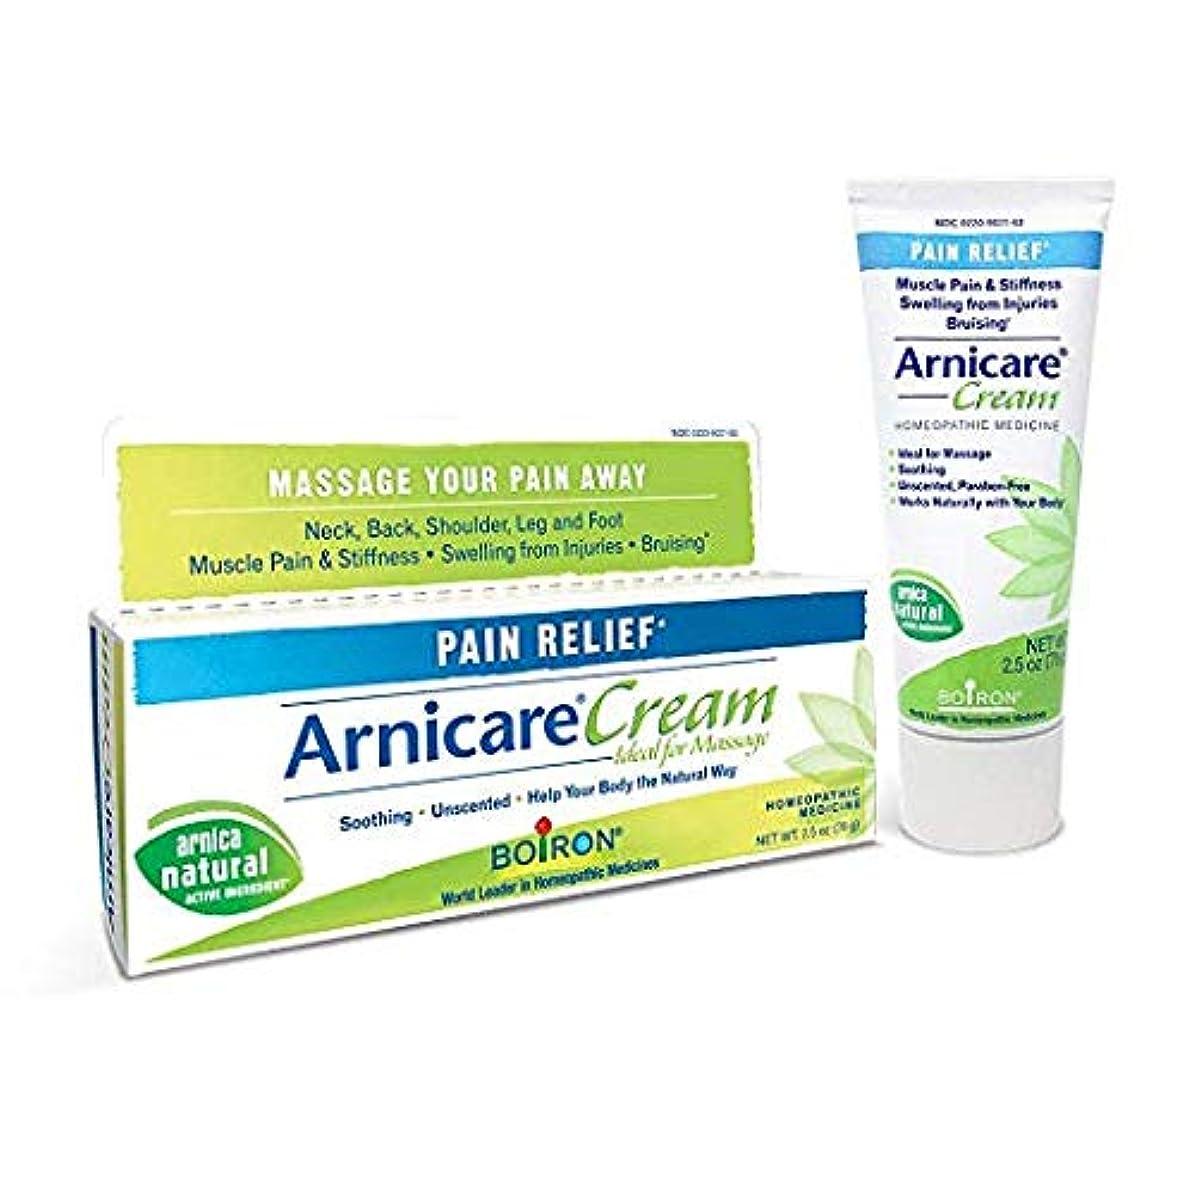 ピュー九月雑草ボイロン アルニカクリーム Boiron Arnicare Cream 2.5 Ounces Topical Pain Relief Cream [並行輸入品]